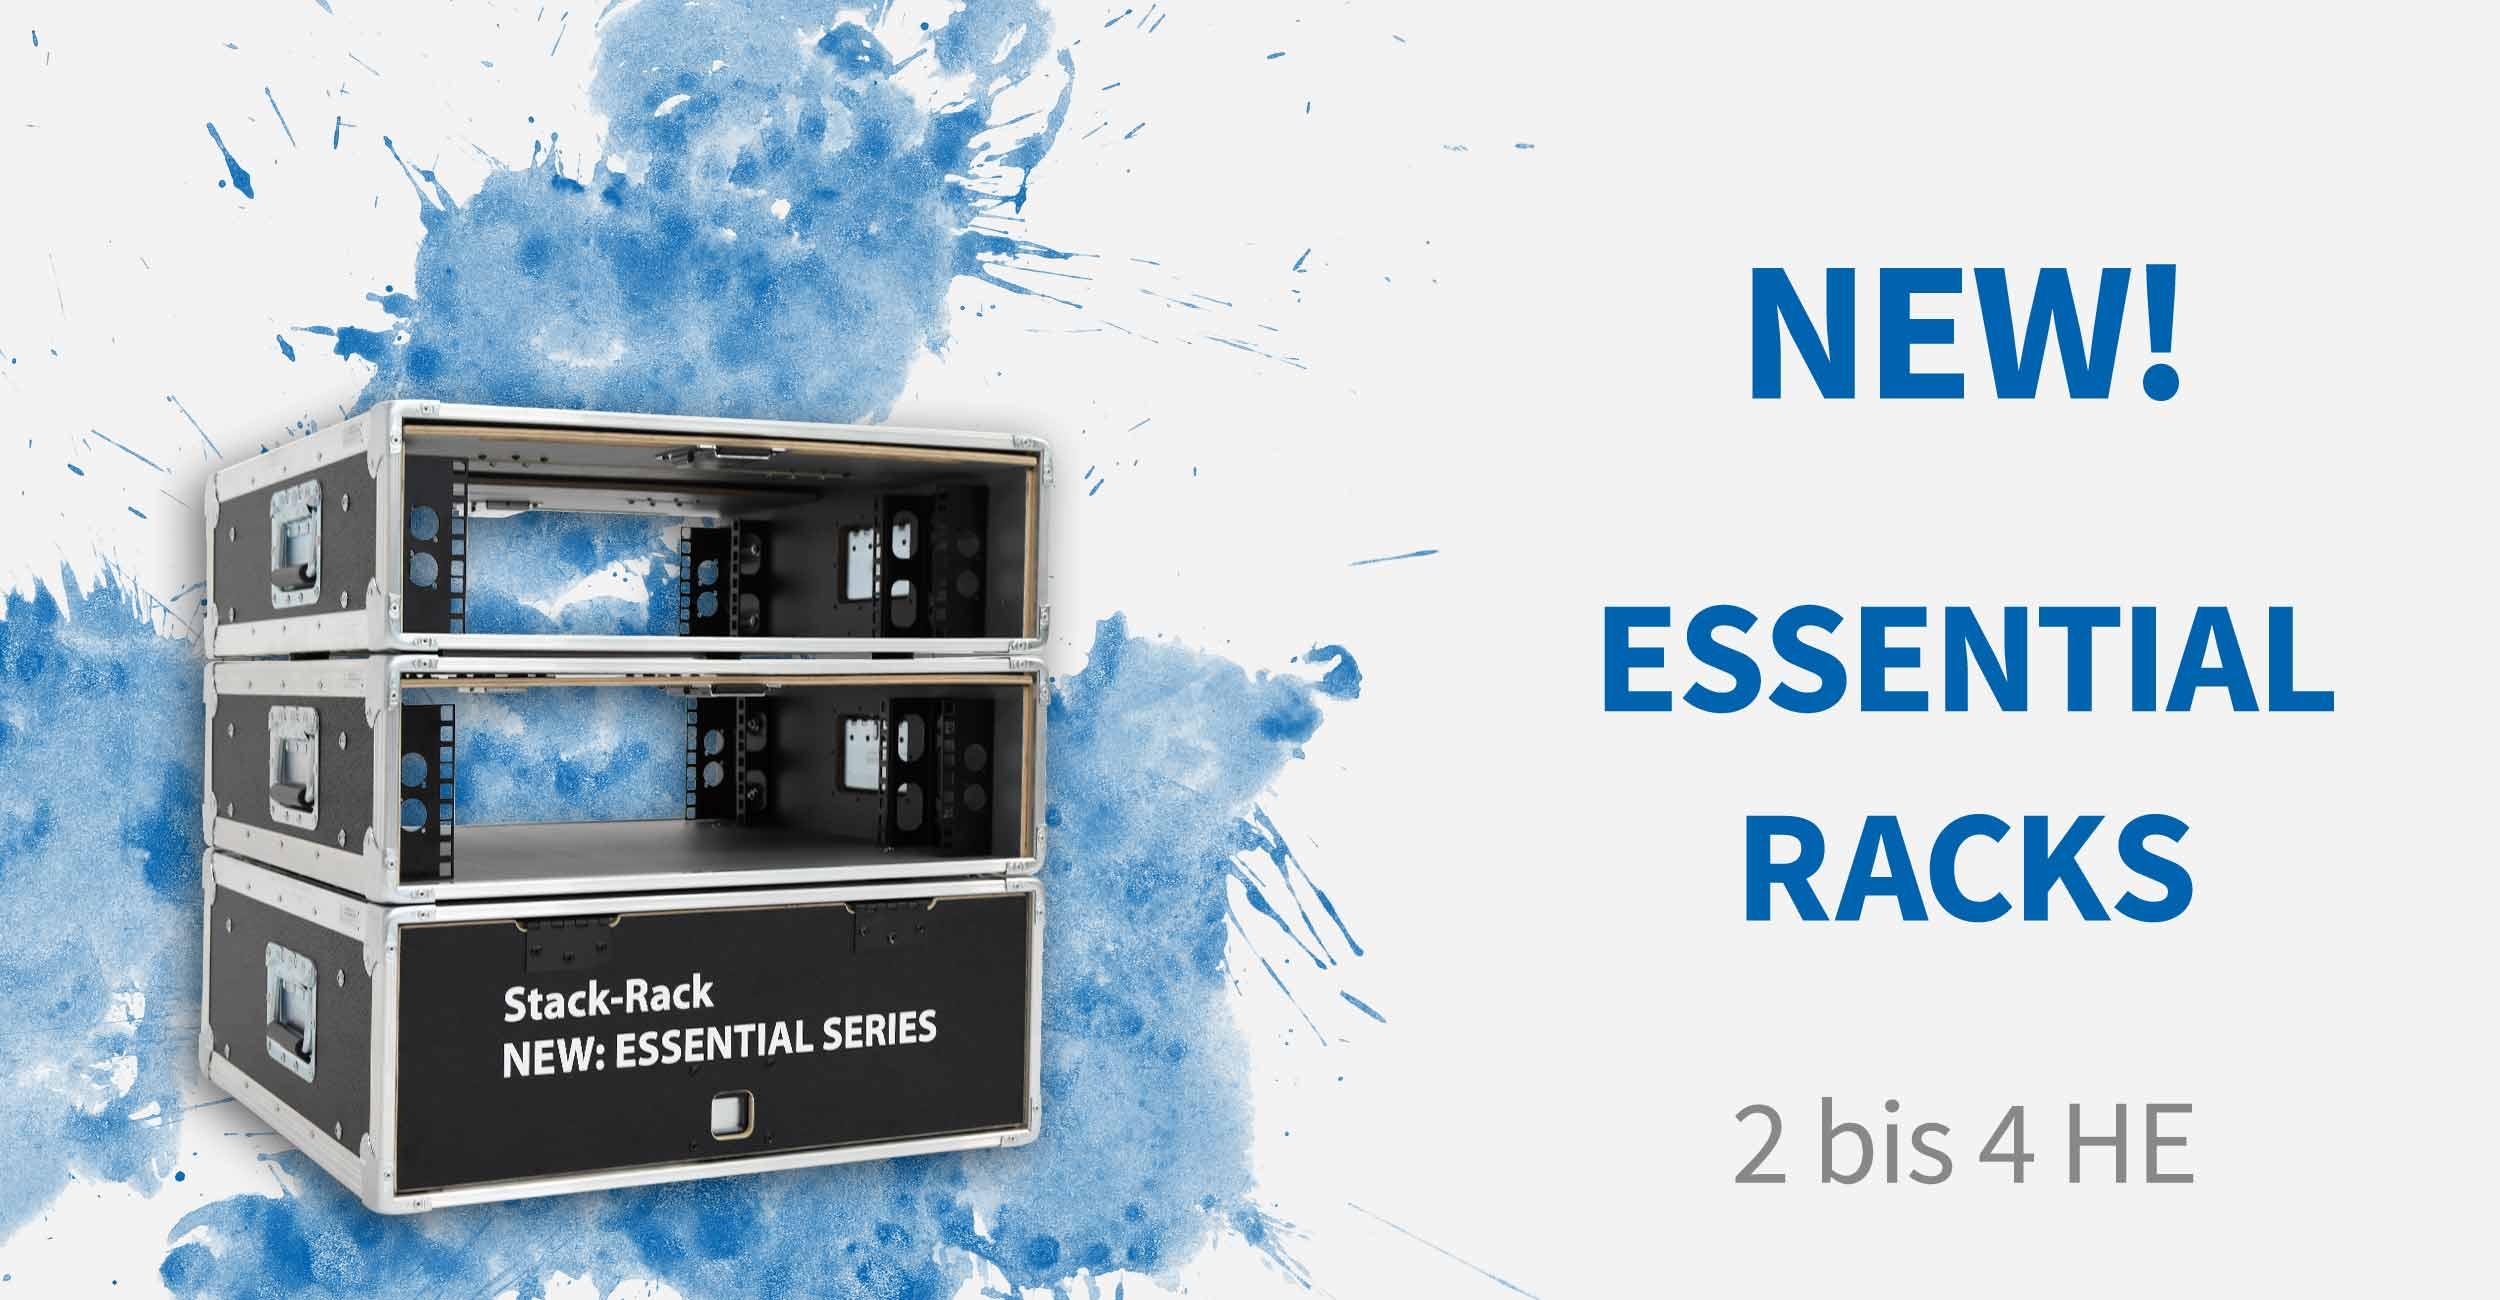 NEW! Essential Racks mit Quick Slide Doors - von 2 bis 4 Höheneinheiten